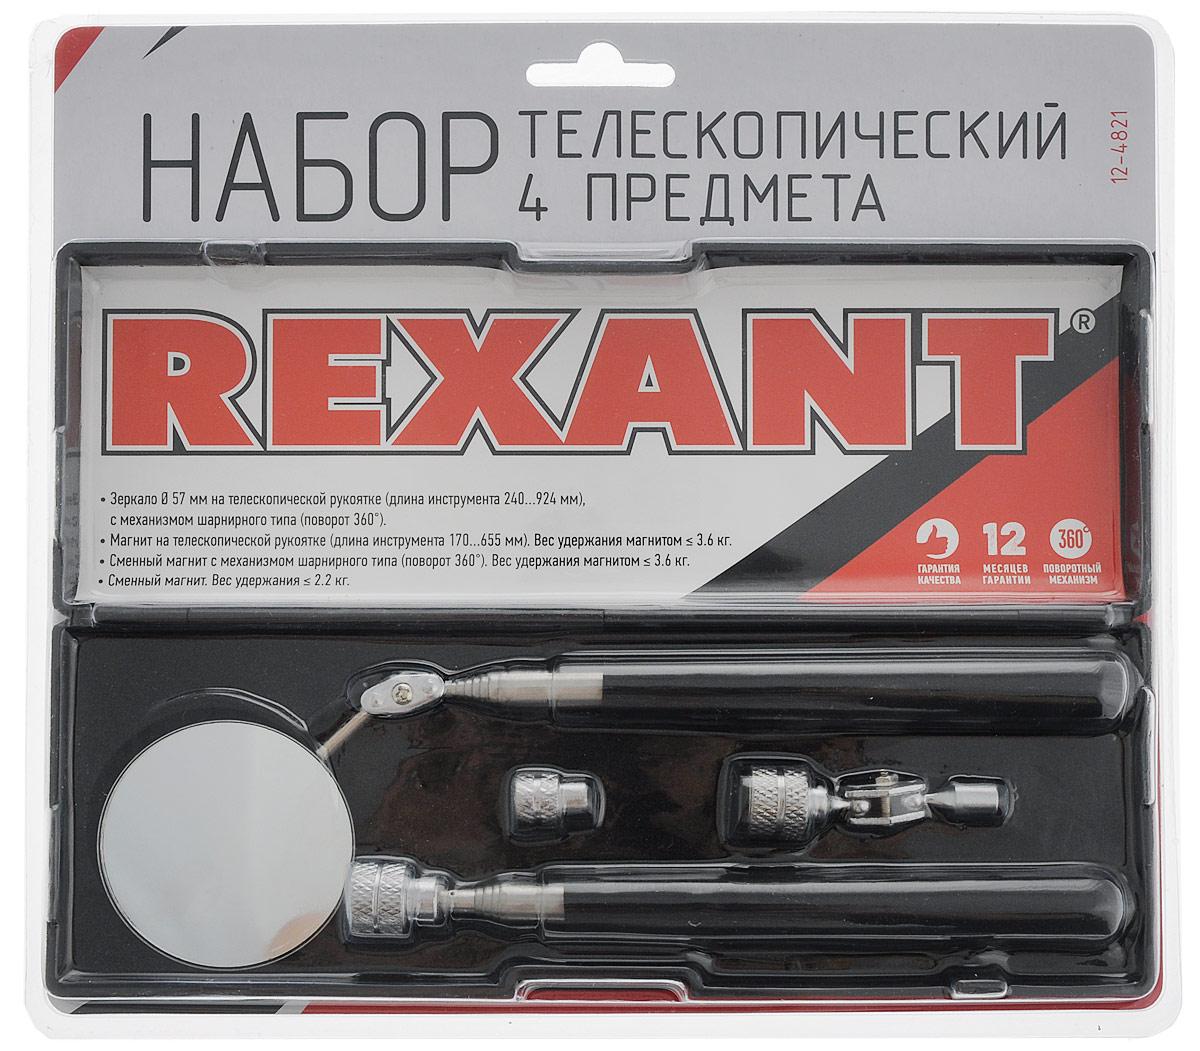 Телескопический магнит Rexant, зеркало в наборе, 4 предмета12-4821Набор телескопический является незаменимым помощником автомеханика, мастера по ремонту электротехники, моделиста. Телескопическое зеркало позволяет осматривать скрытые, труднодоступные места различного оборудования. Телескопический магнит используется для подъема металлических предметов из труднодоступных мест:Магнит с телескопической рукояткой поднимает металлические предметы массой не более 3.6 килограмма, с расстояния более полуметра.Высокое качество товара обеспечивает долгий срок службы изделия.Набор состоит:Зеркало диаметром 57 мм на телескопической рукоятке (длина инструмента от240 до924 мм), с механизмом шарнирного типа (поворот 360°).Магнит на телескопической рукоятке (длина инструмента 170...655 мм). Вес удержания магнитом Сменный магнит с механизмом шарнирного типа (поворот 360°). Вес удержания магнитом Сменный магнит. Вес удержания < 2.2 кг.